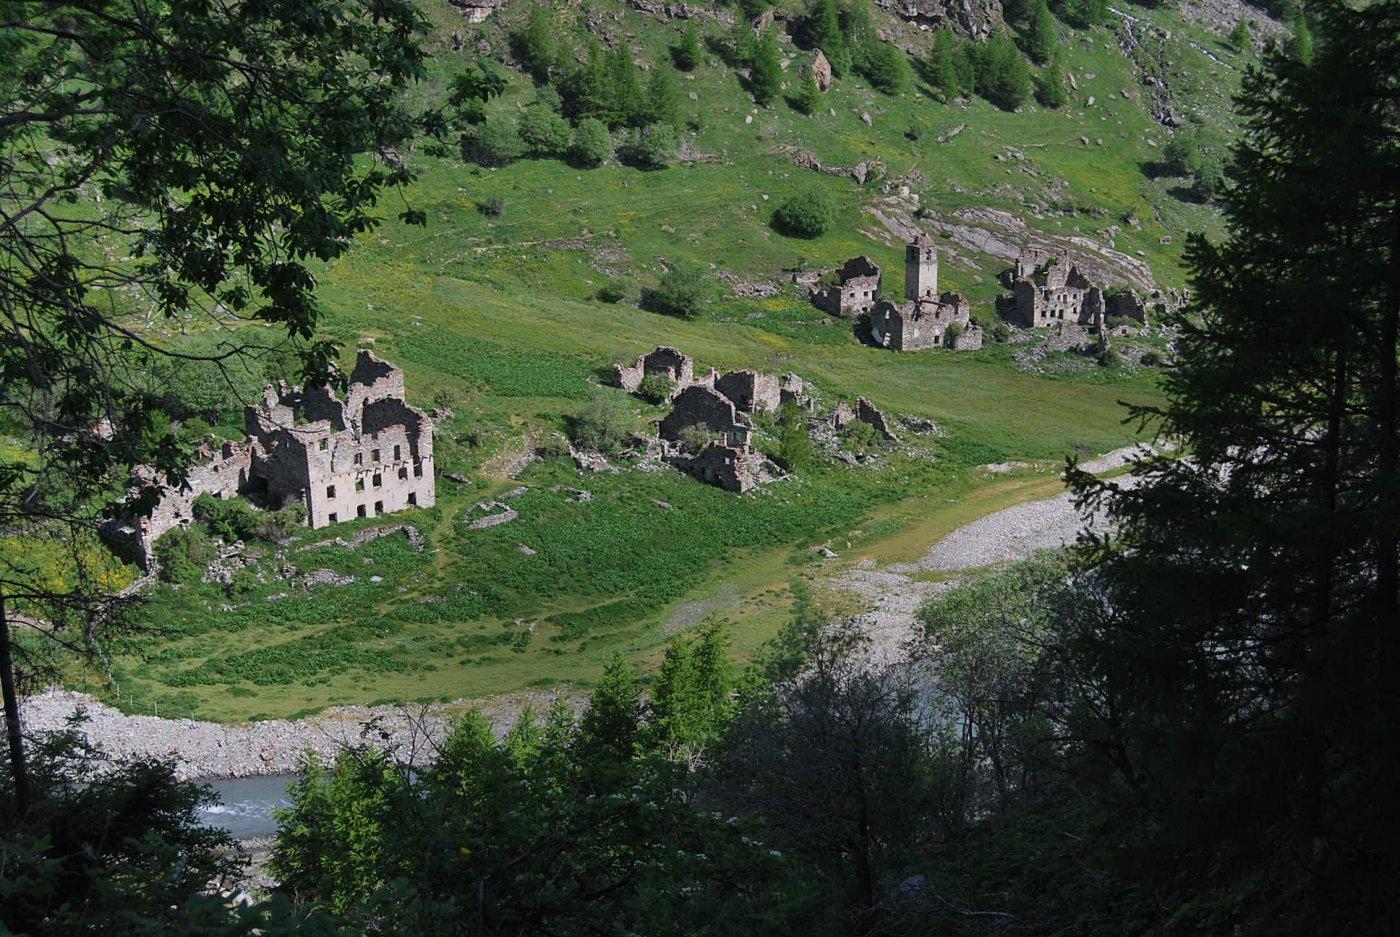 Il villaggio di Fornet, negli anni '50 a rischio sommersione con la costruzione della diga.